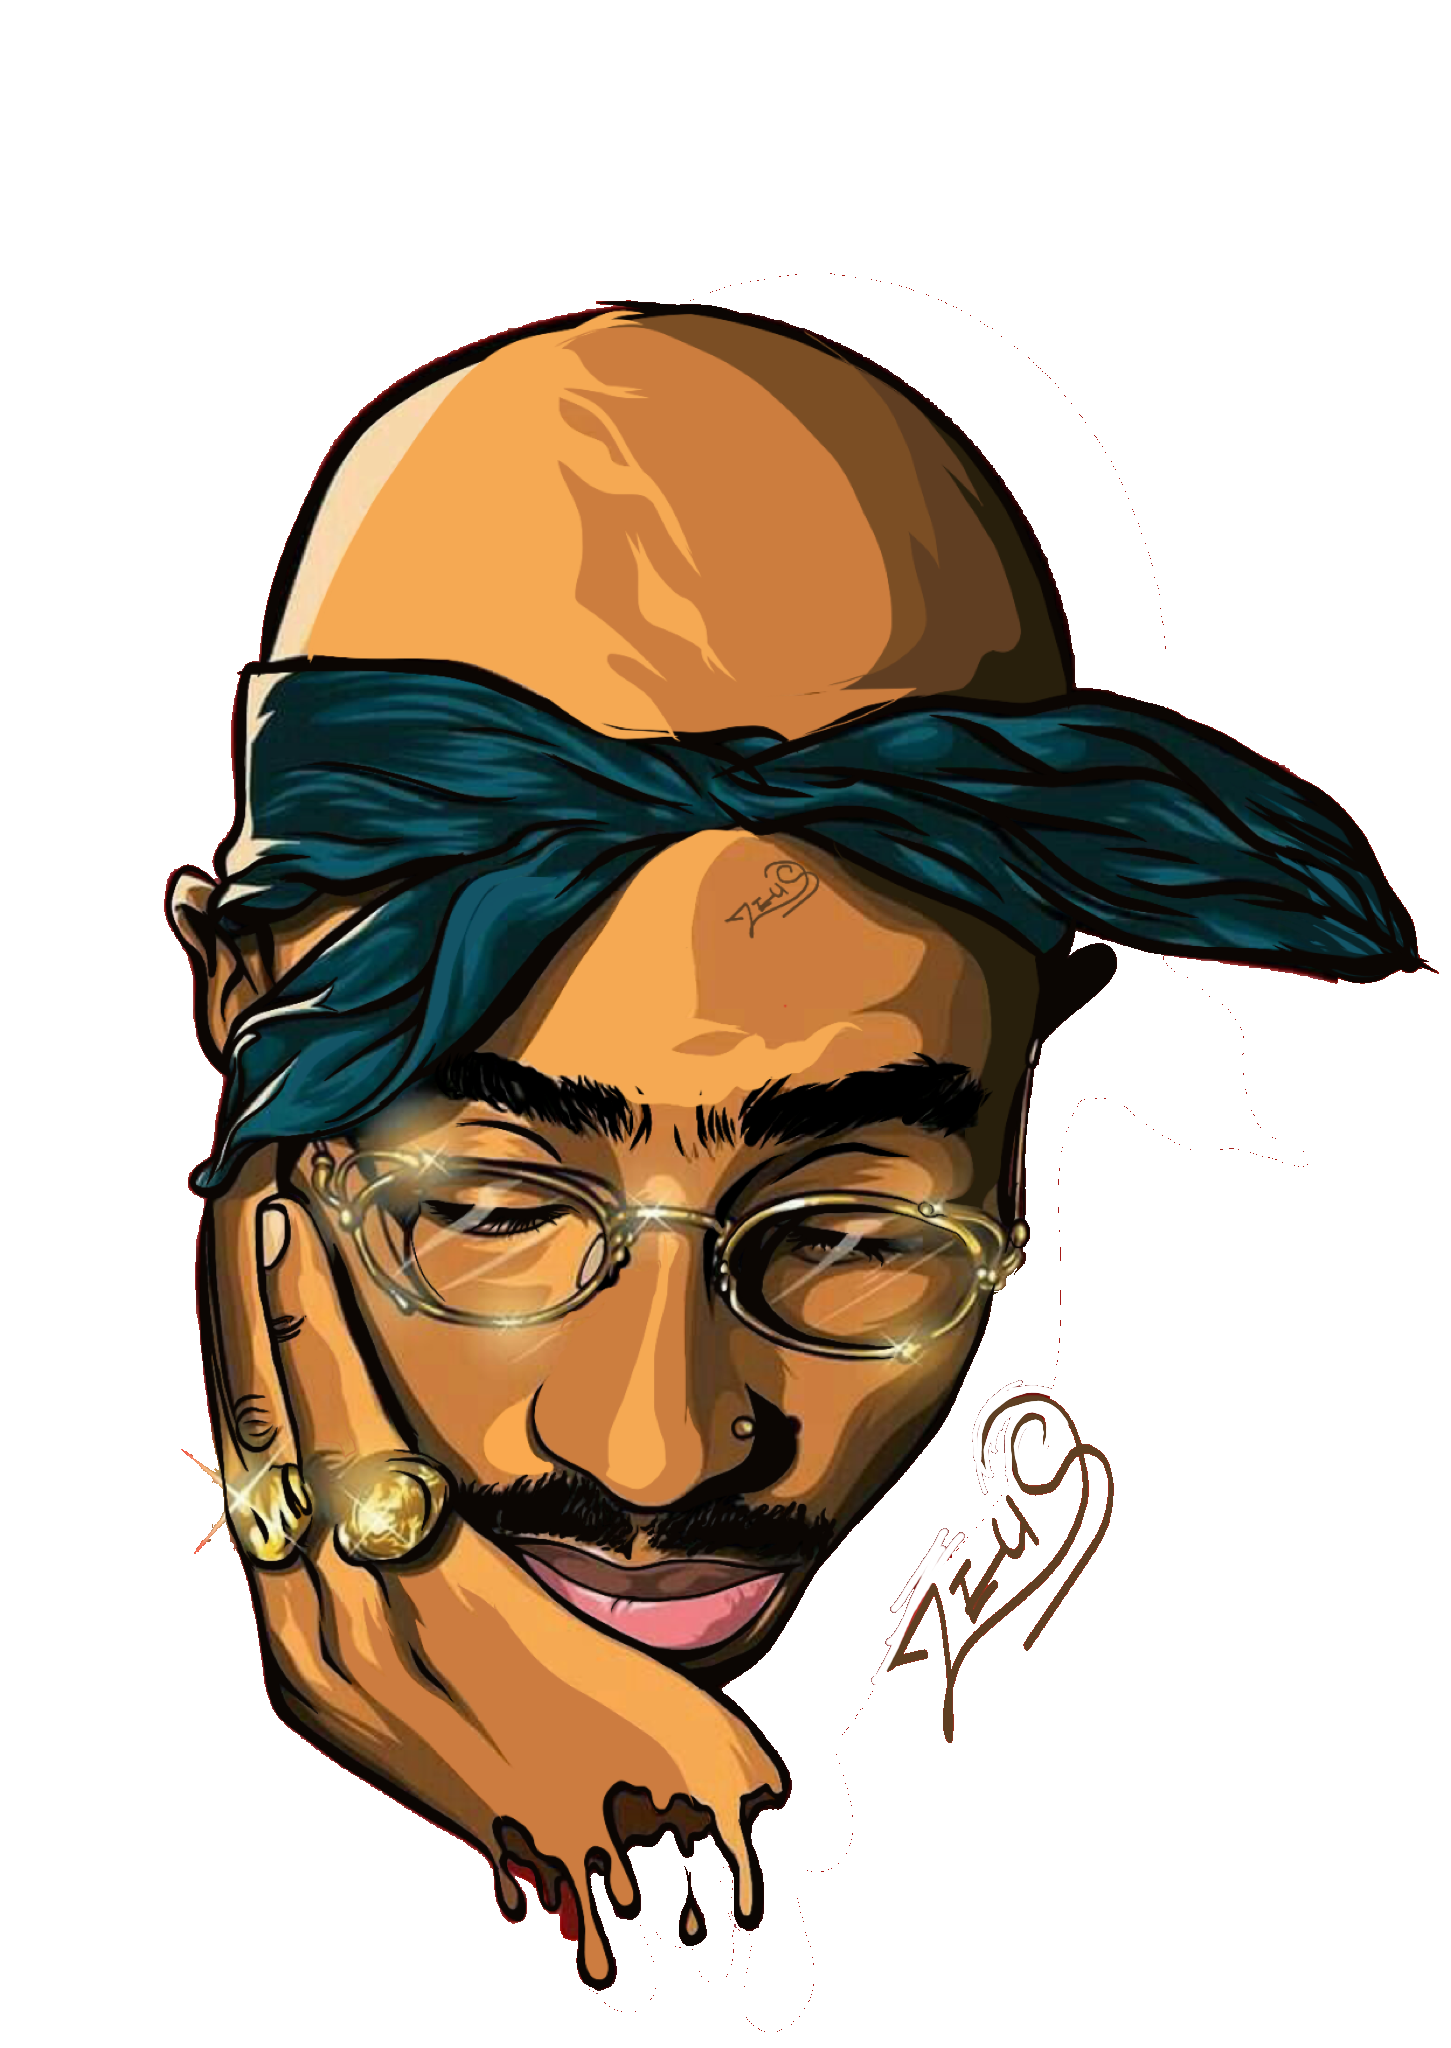 Tupac Amaru Shakur Tupac art, Rapper art, Tupac wallpaper